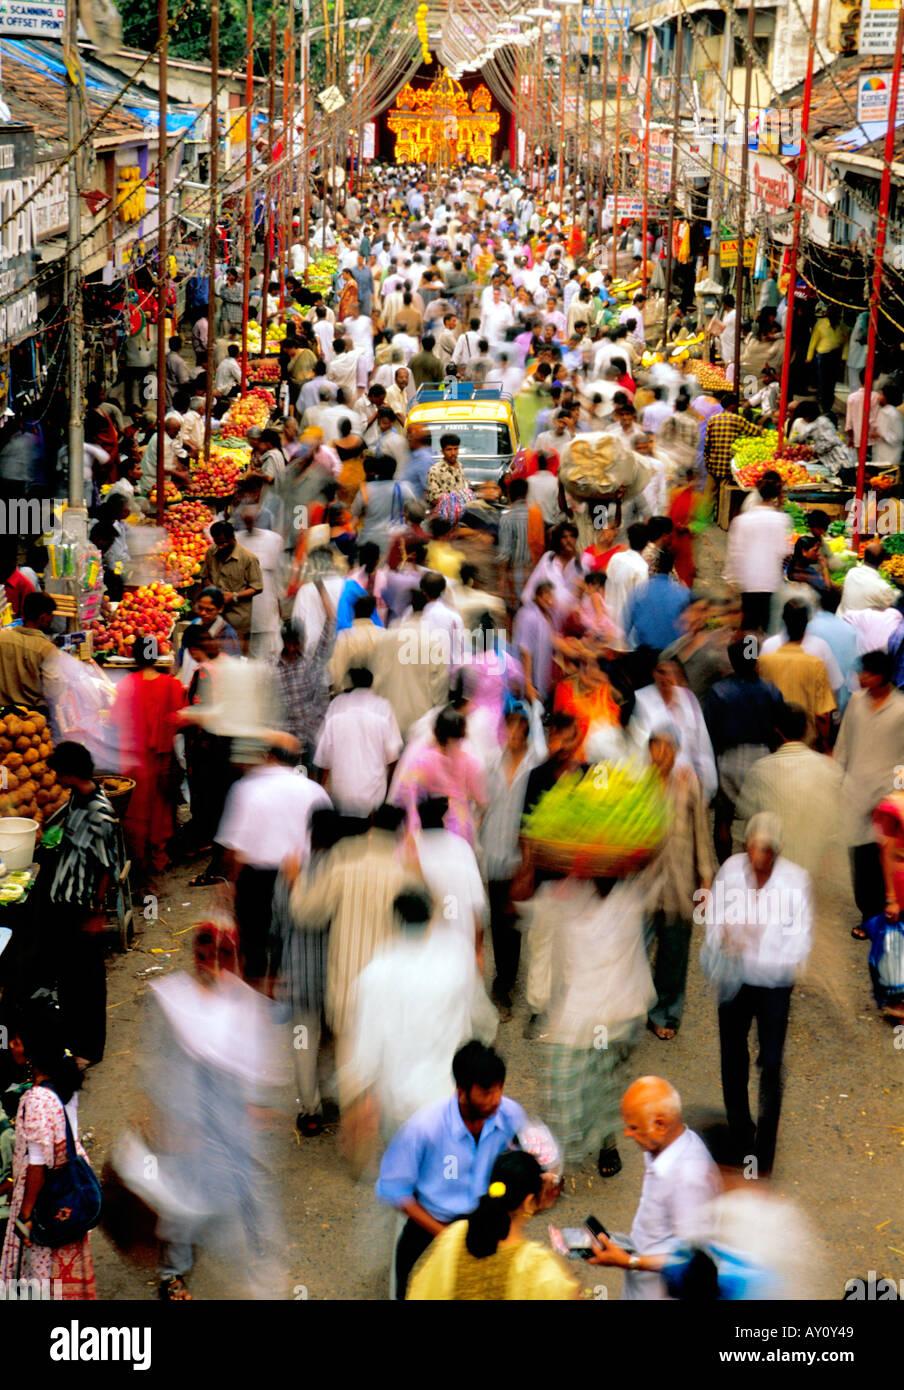 Das unvorstellbare Summen Dadar West Street Market Mumbai brodelt mit Massen von Käufern und Verkäufern. Indien Stockfoto